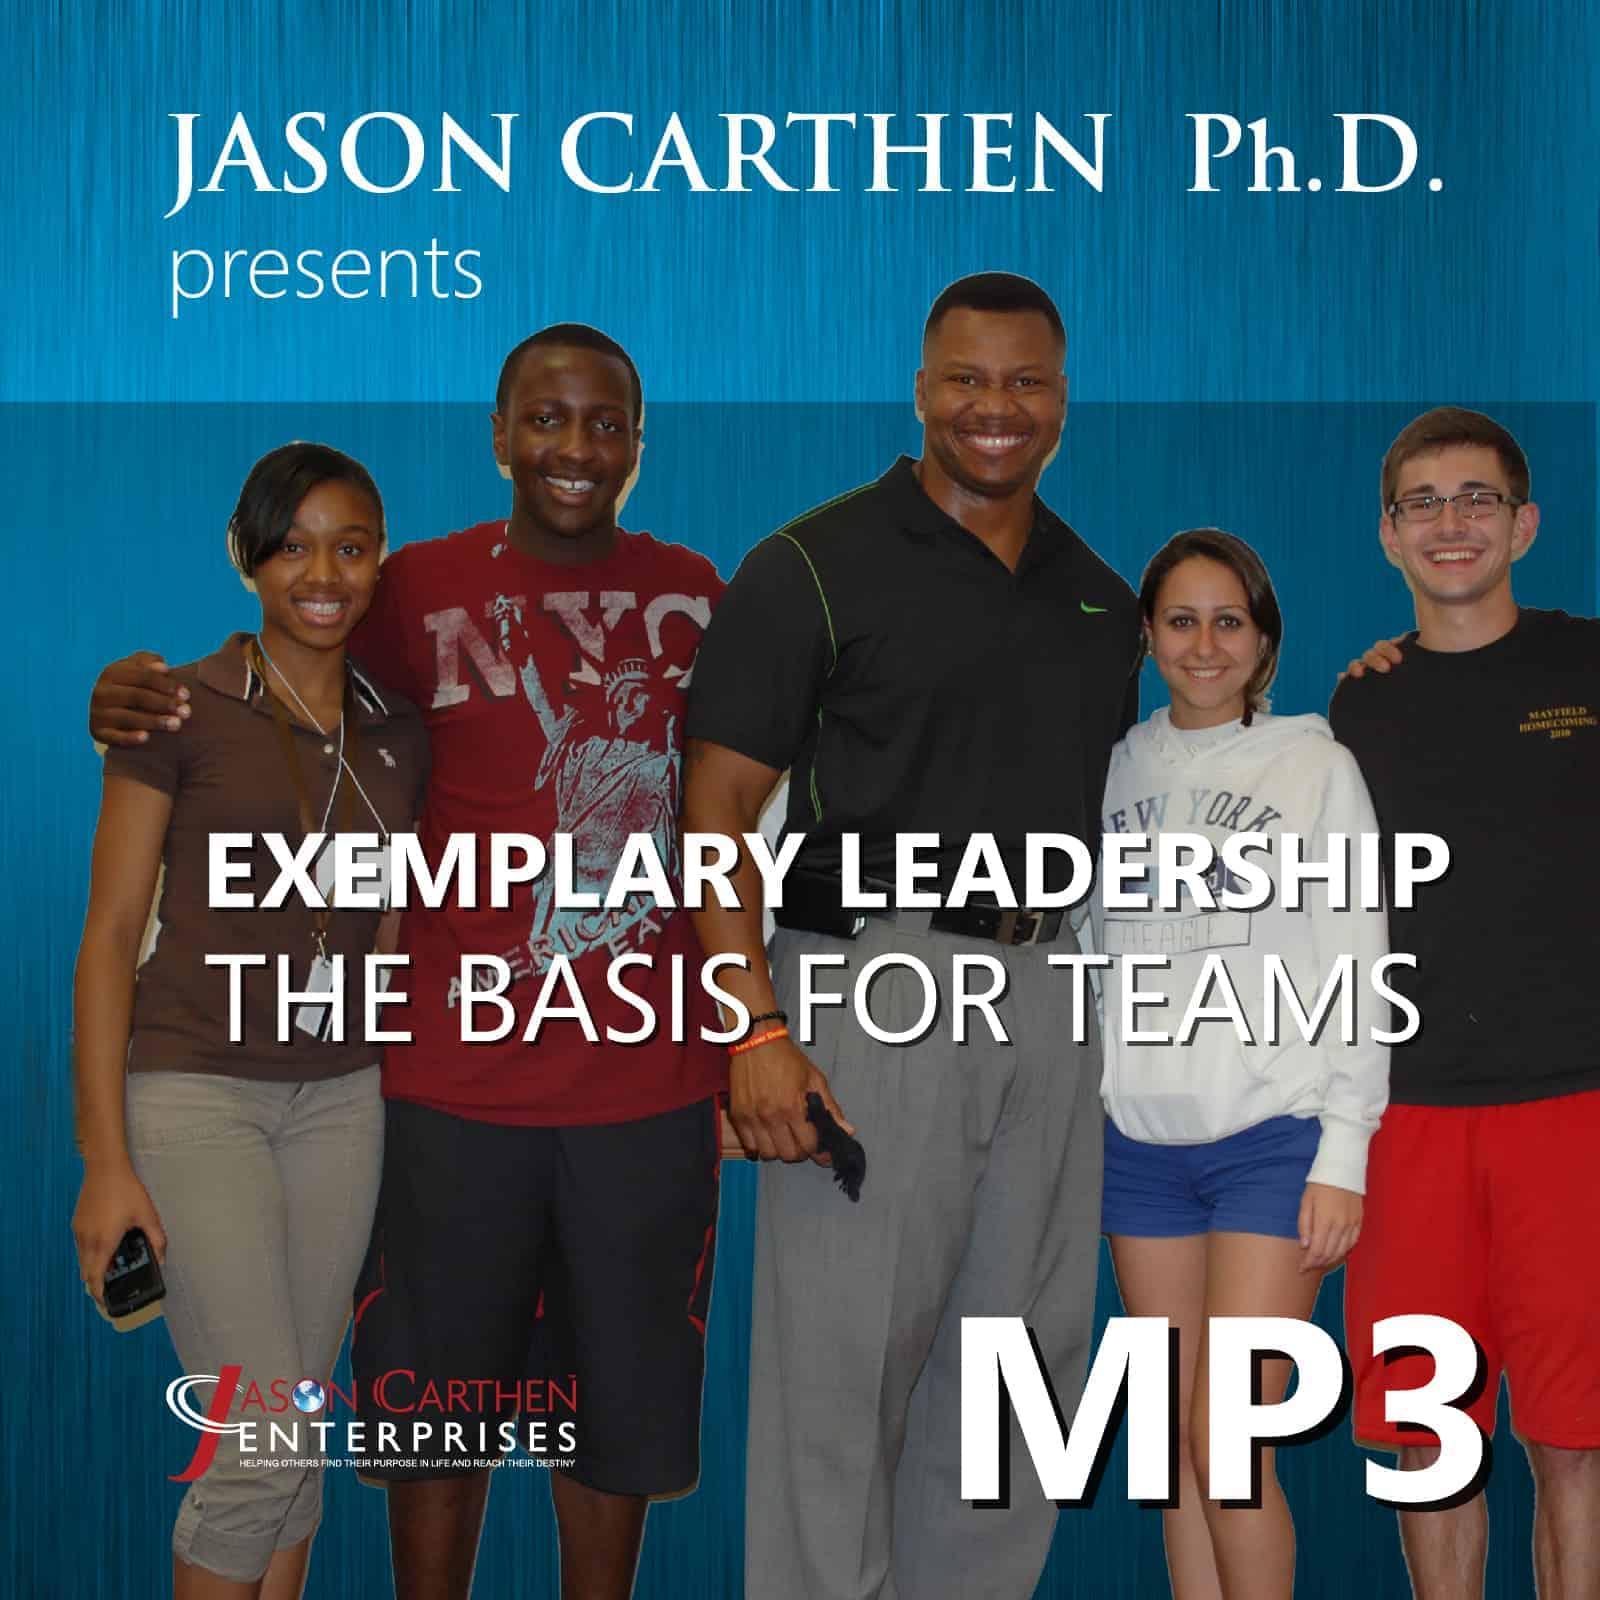 Dr. Jason Carthen: The Basis for Teams.